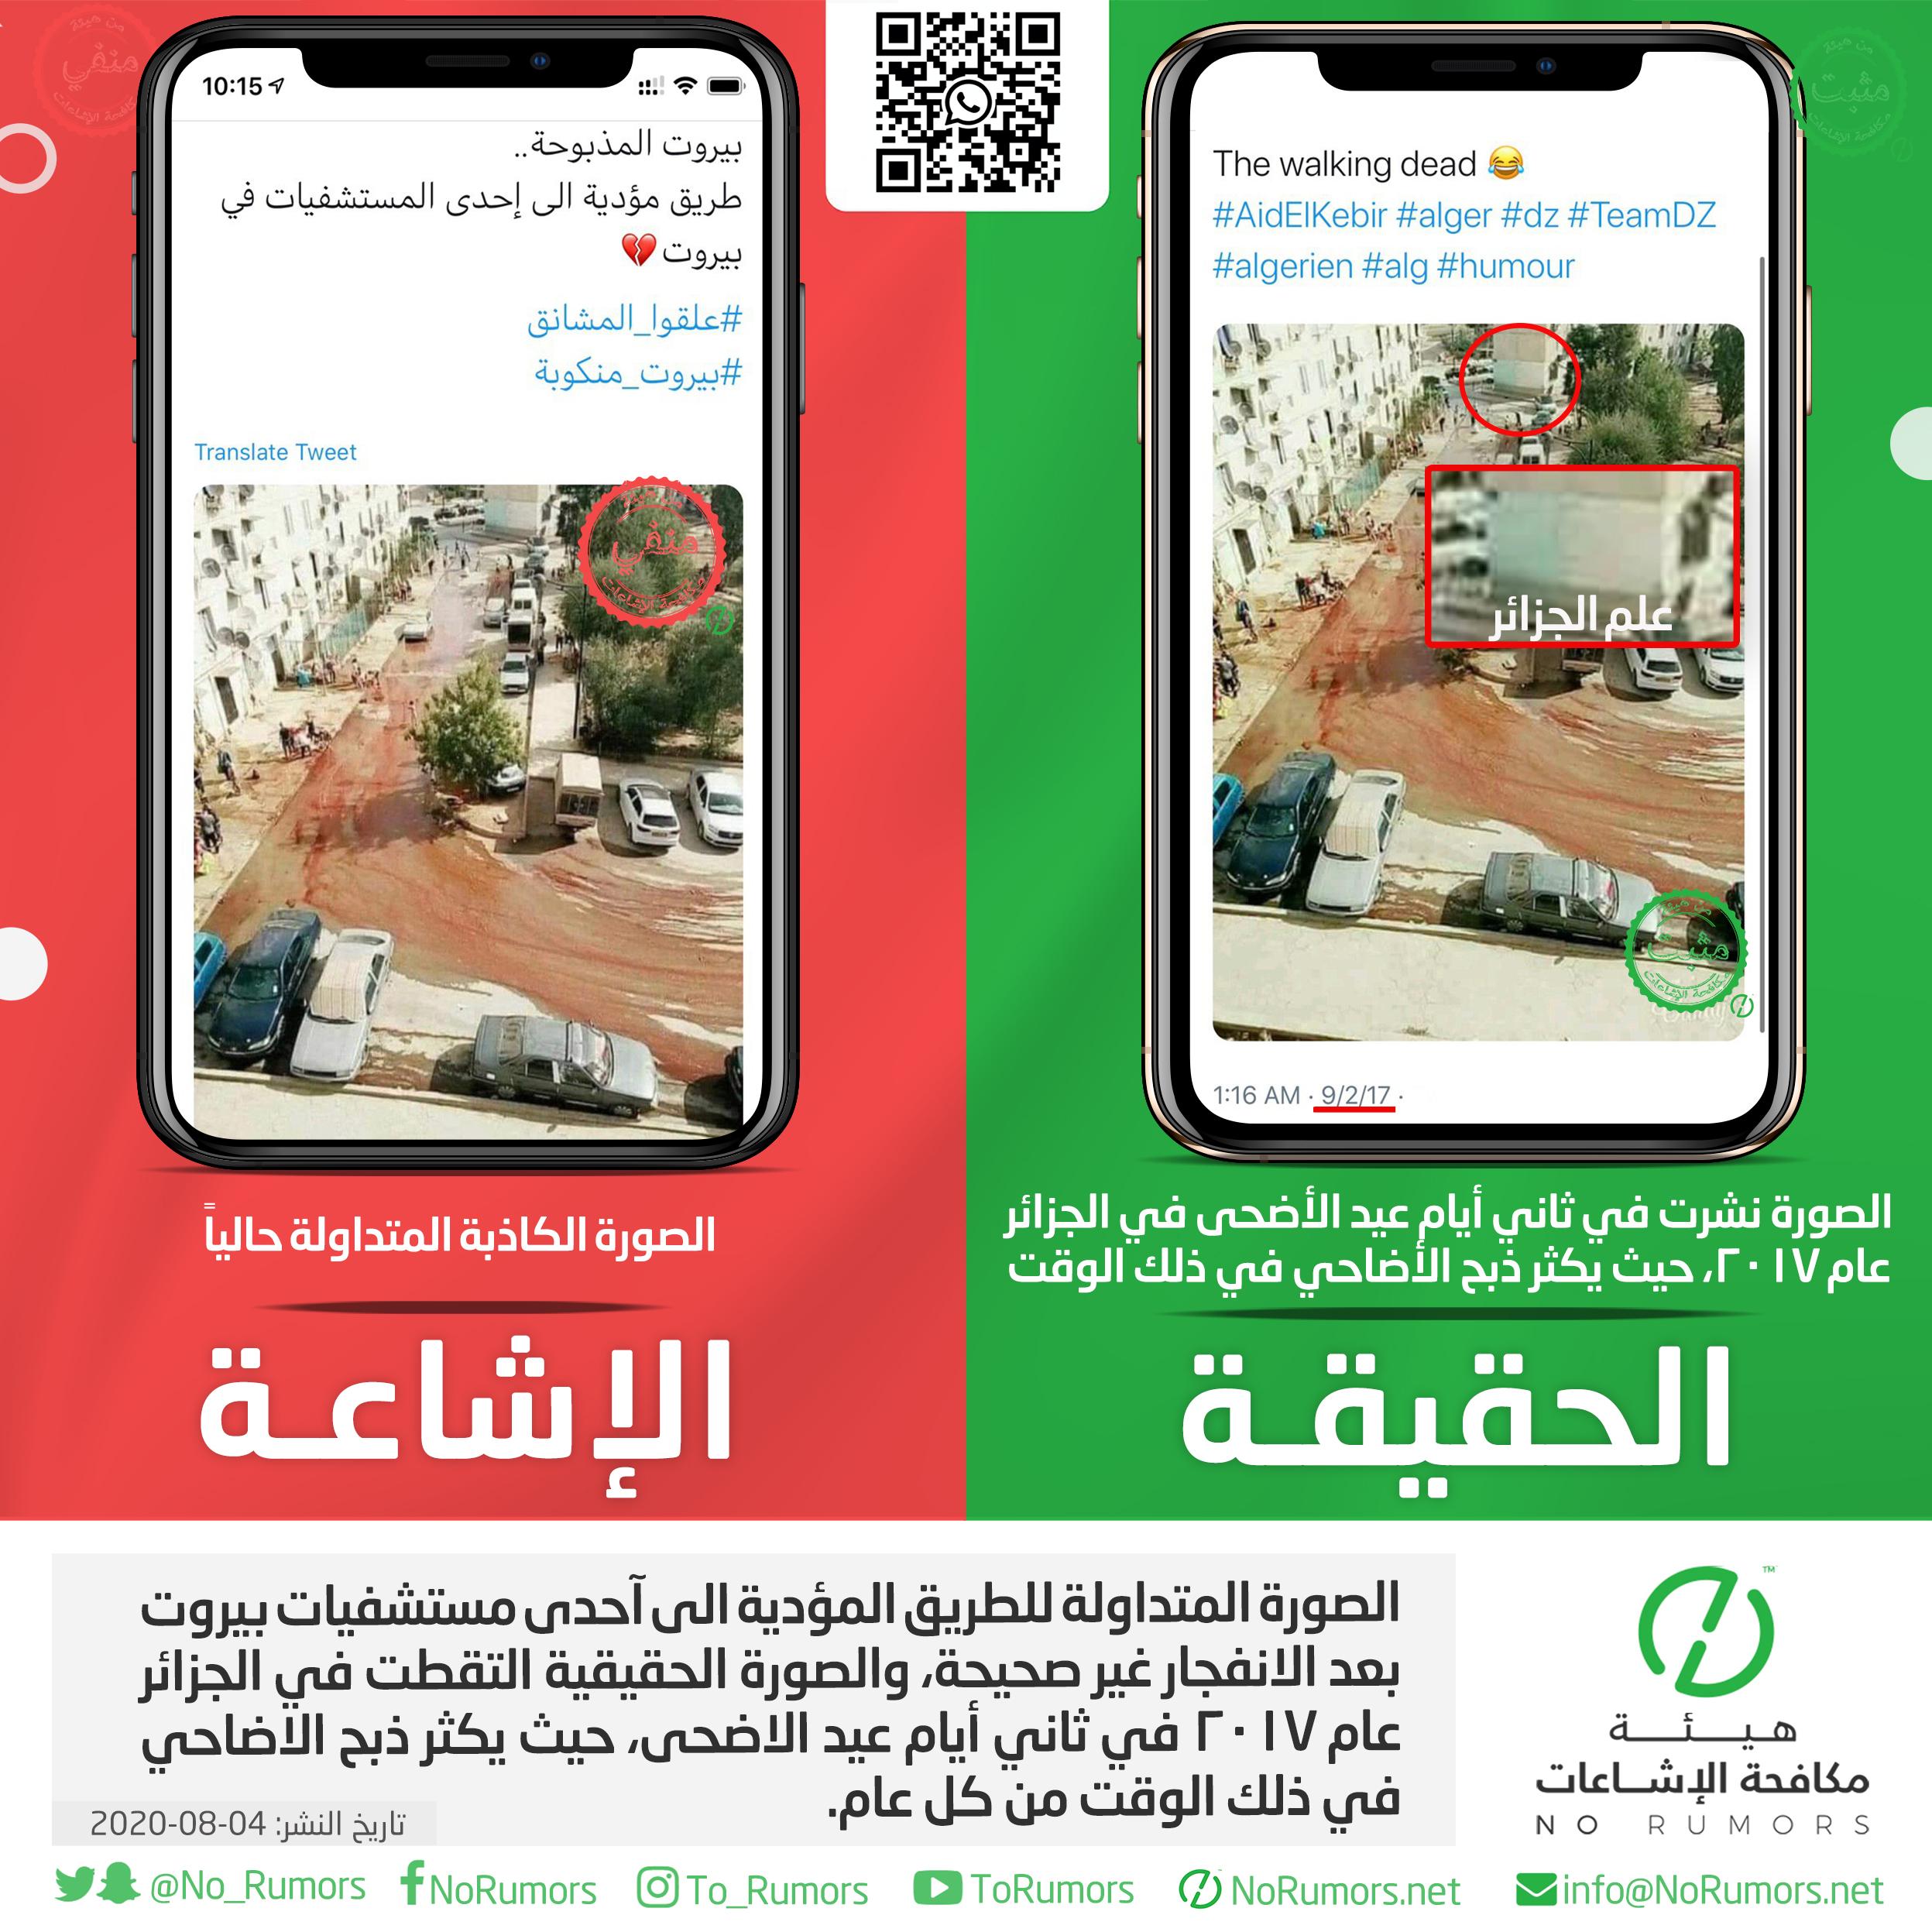 حقيقة الصورة المتداولة للطريق المؤدية الى آحدى مستشفيات بيروت بعد الانفجار